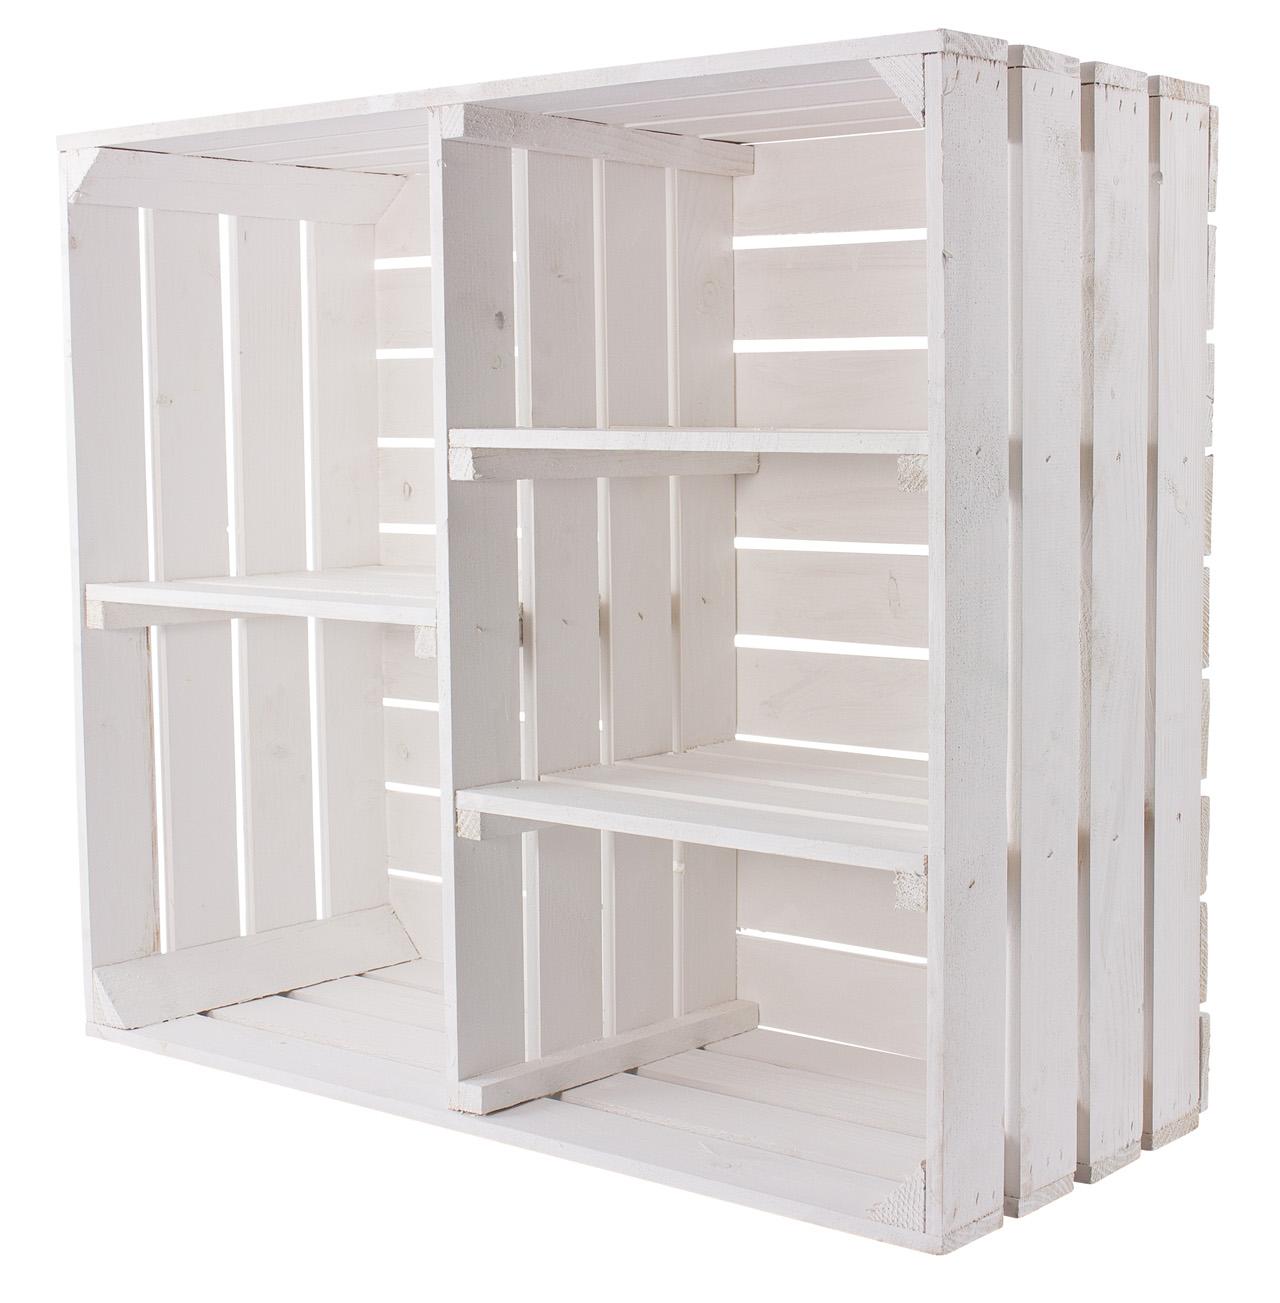 Weißer Holzschrank mit 3 Mittelbrettern und Trennbrett 77x68x35cm